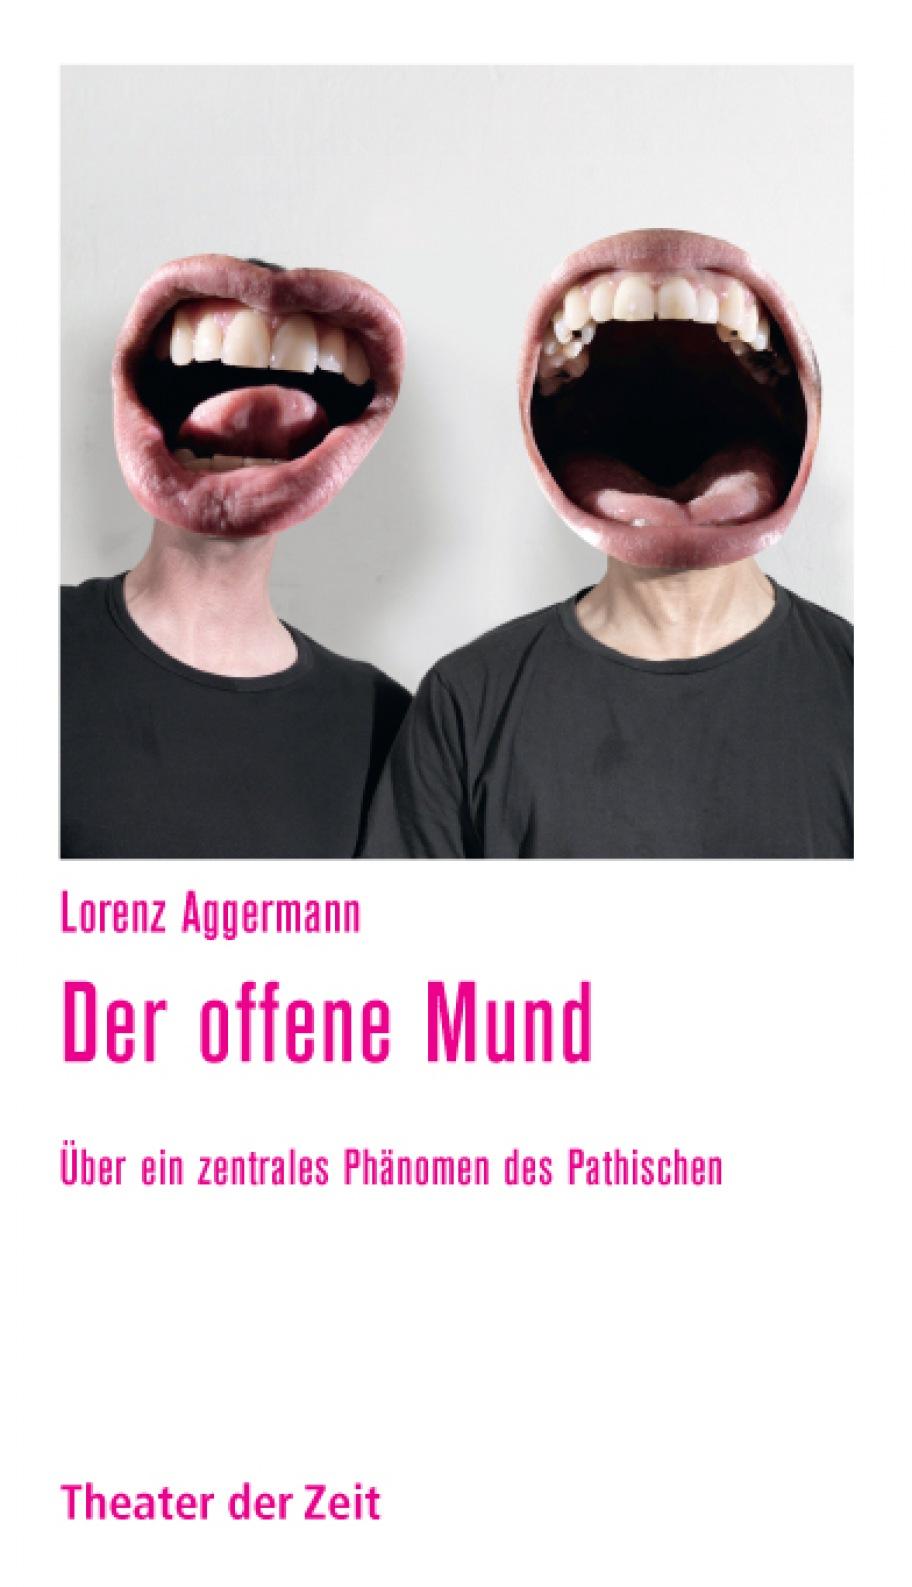 Lorenz Aggermann: Der offene Mund